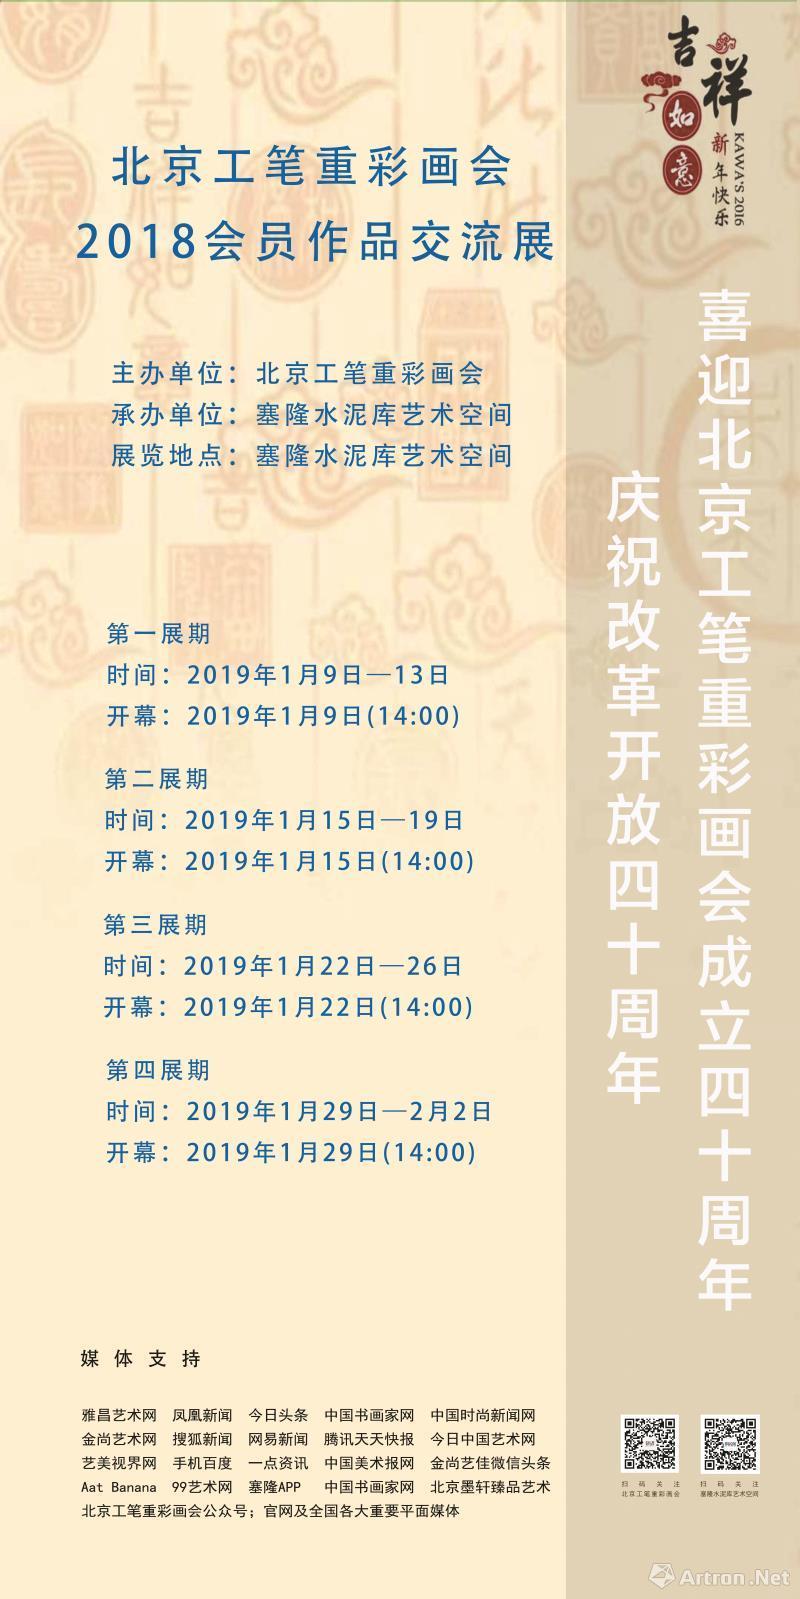 北京工笔重彩画会2018会员作品交流展-第四场